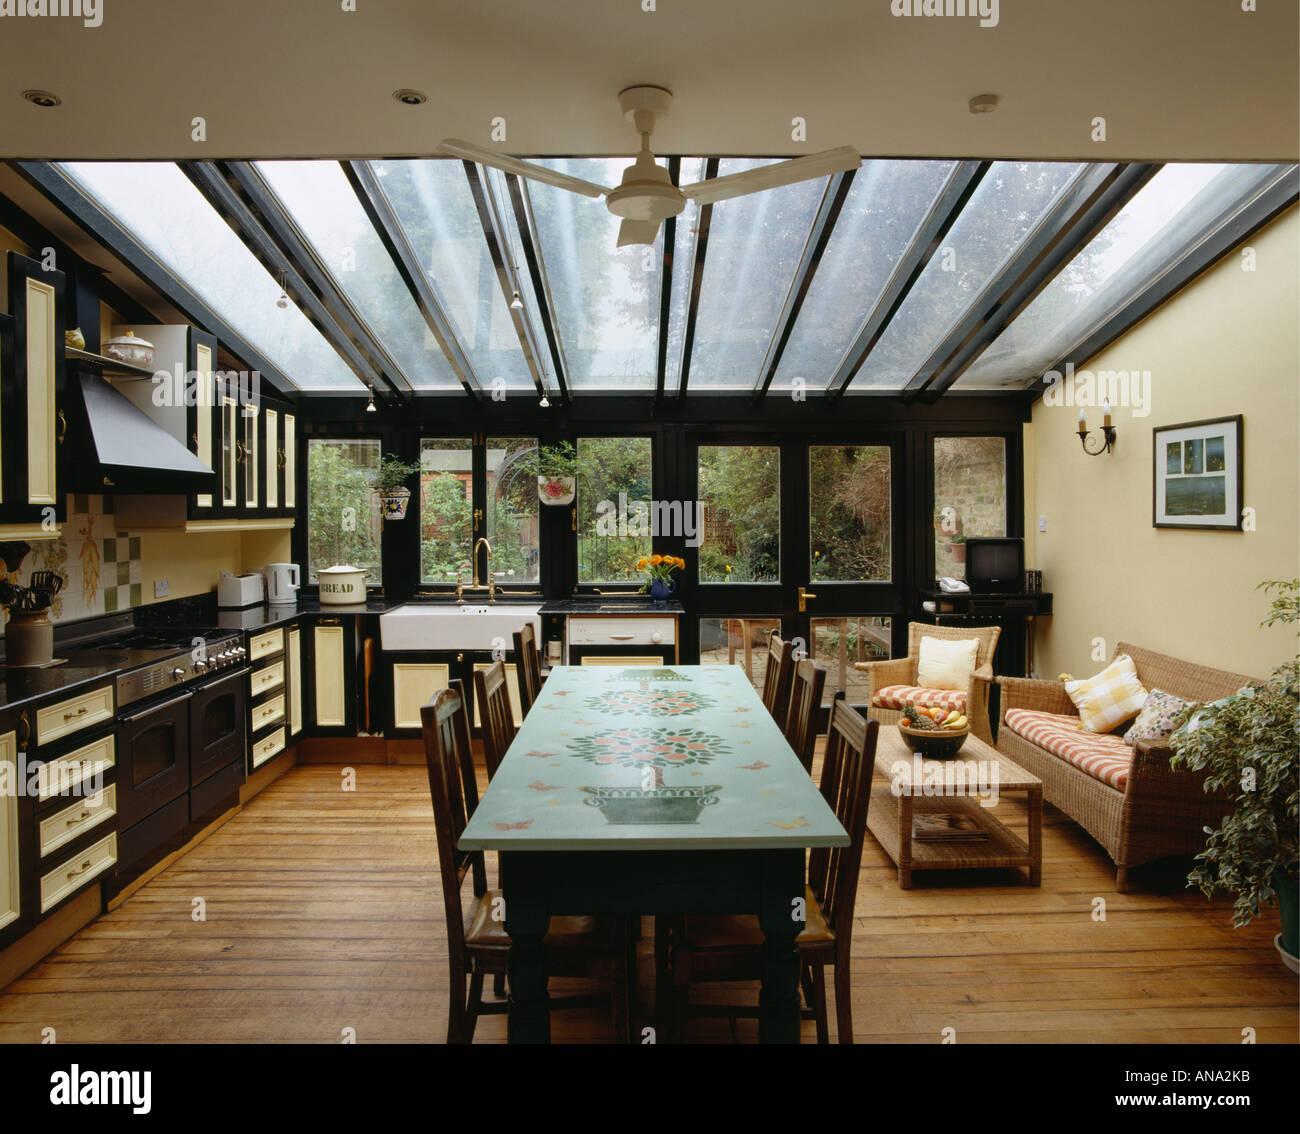 Dekorativ Bemalt Tisch Und Bequemen Sofa In Moderne Offene Kuche Esszimmer Erweiterung Mit Glasdach Stockfotografie Alamy